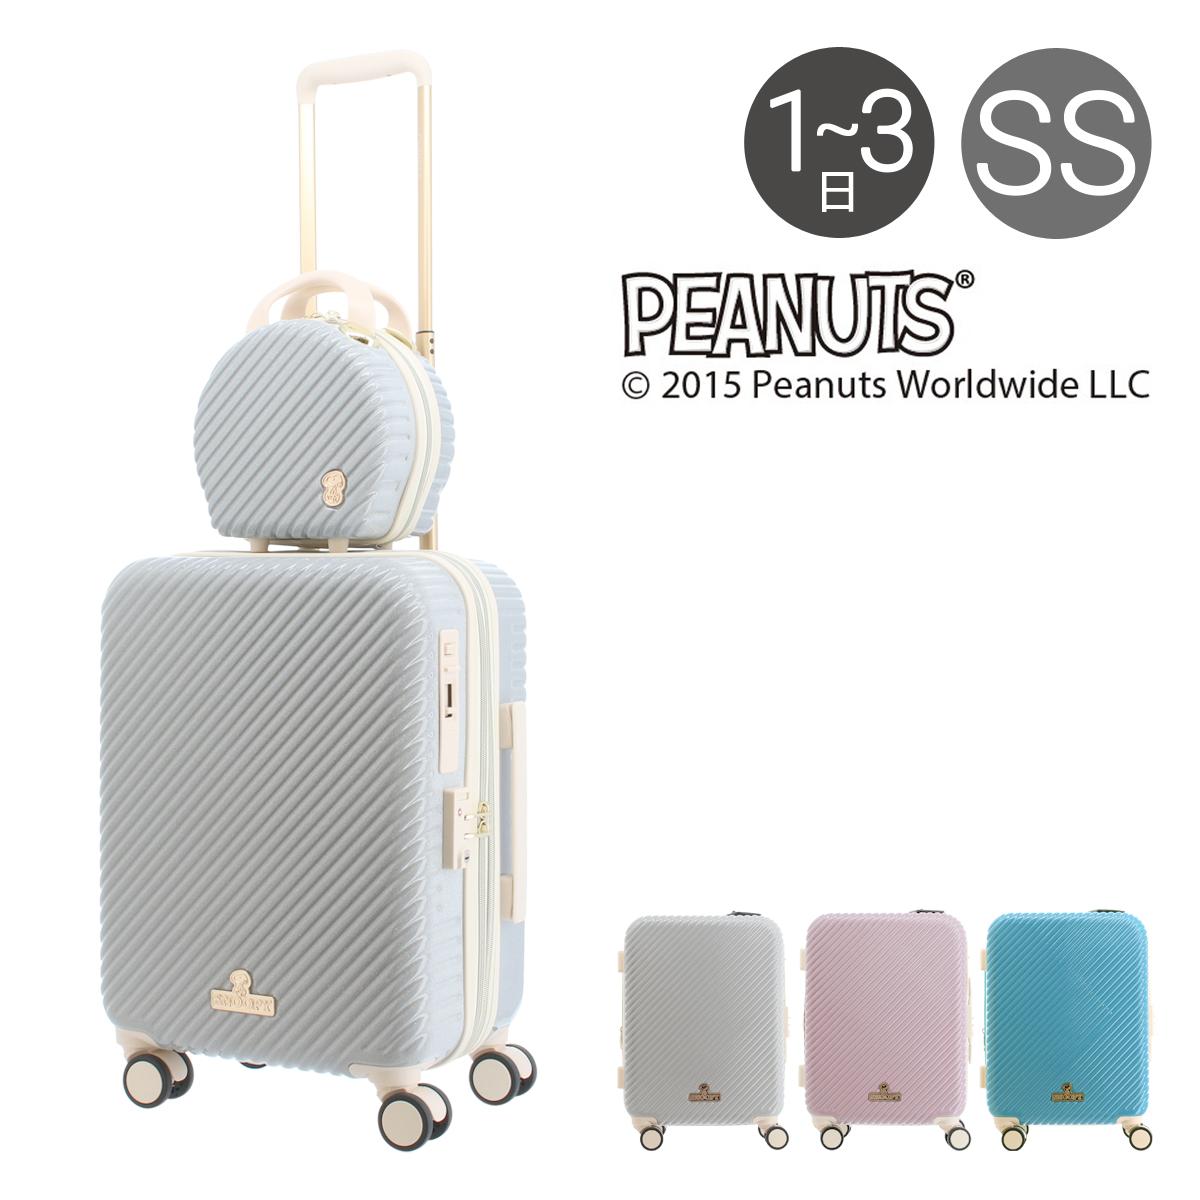 ピーナッツ スーツケース 39L 46cm 3.4kg PN-028 PEANUTS |ハード ファスナー| キャリーケース TSAロック搭載 エキスパンダブル 拡張 キャラクター スヌーピー[即日発送]